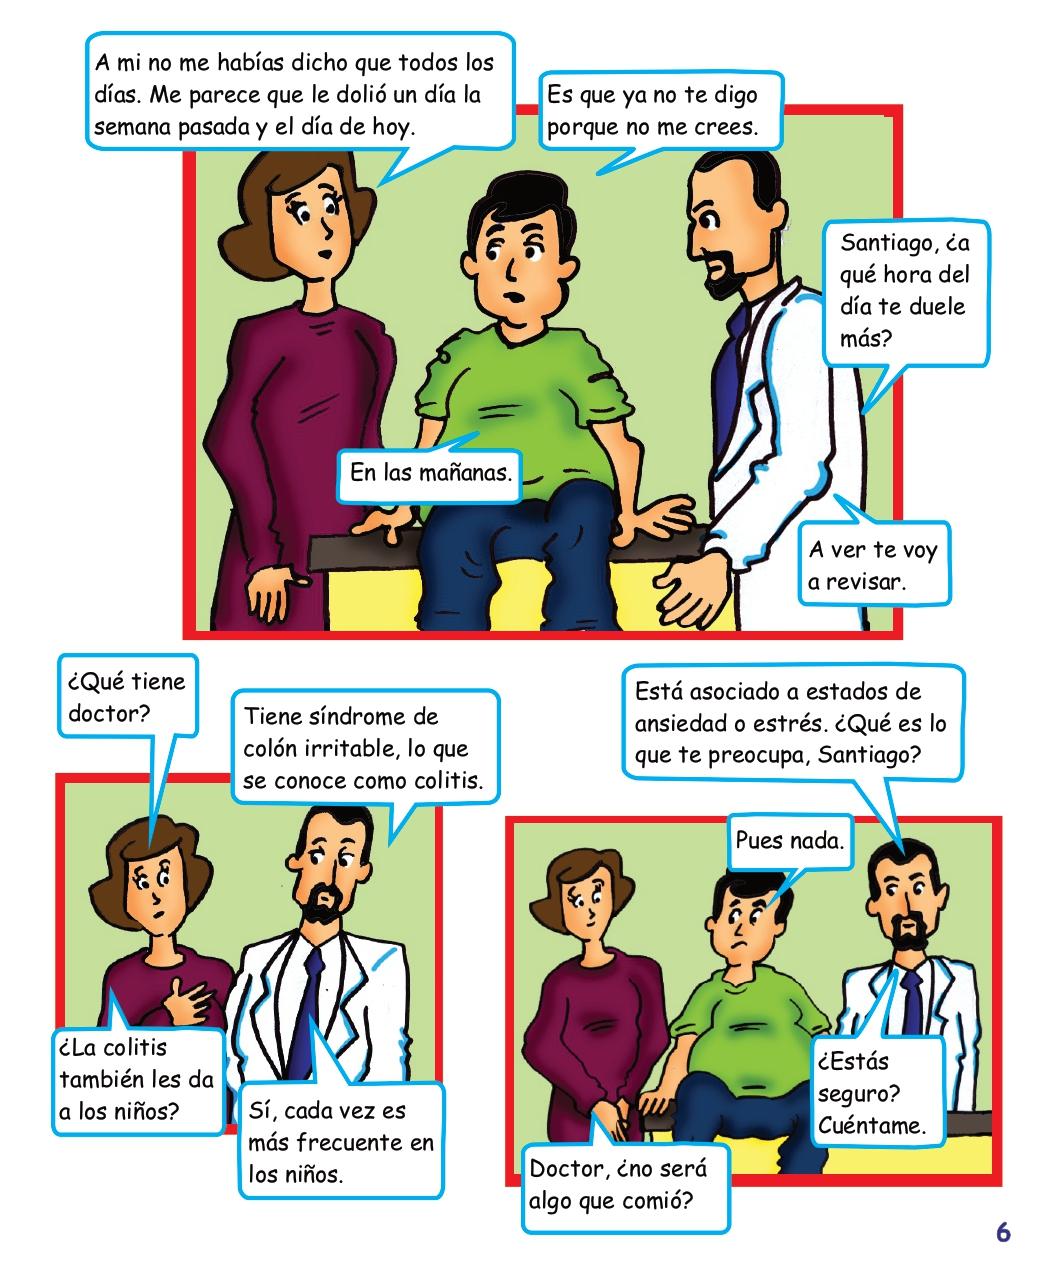 Psicología padres Reyhan cap3 digital_page-0009